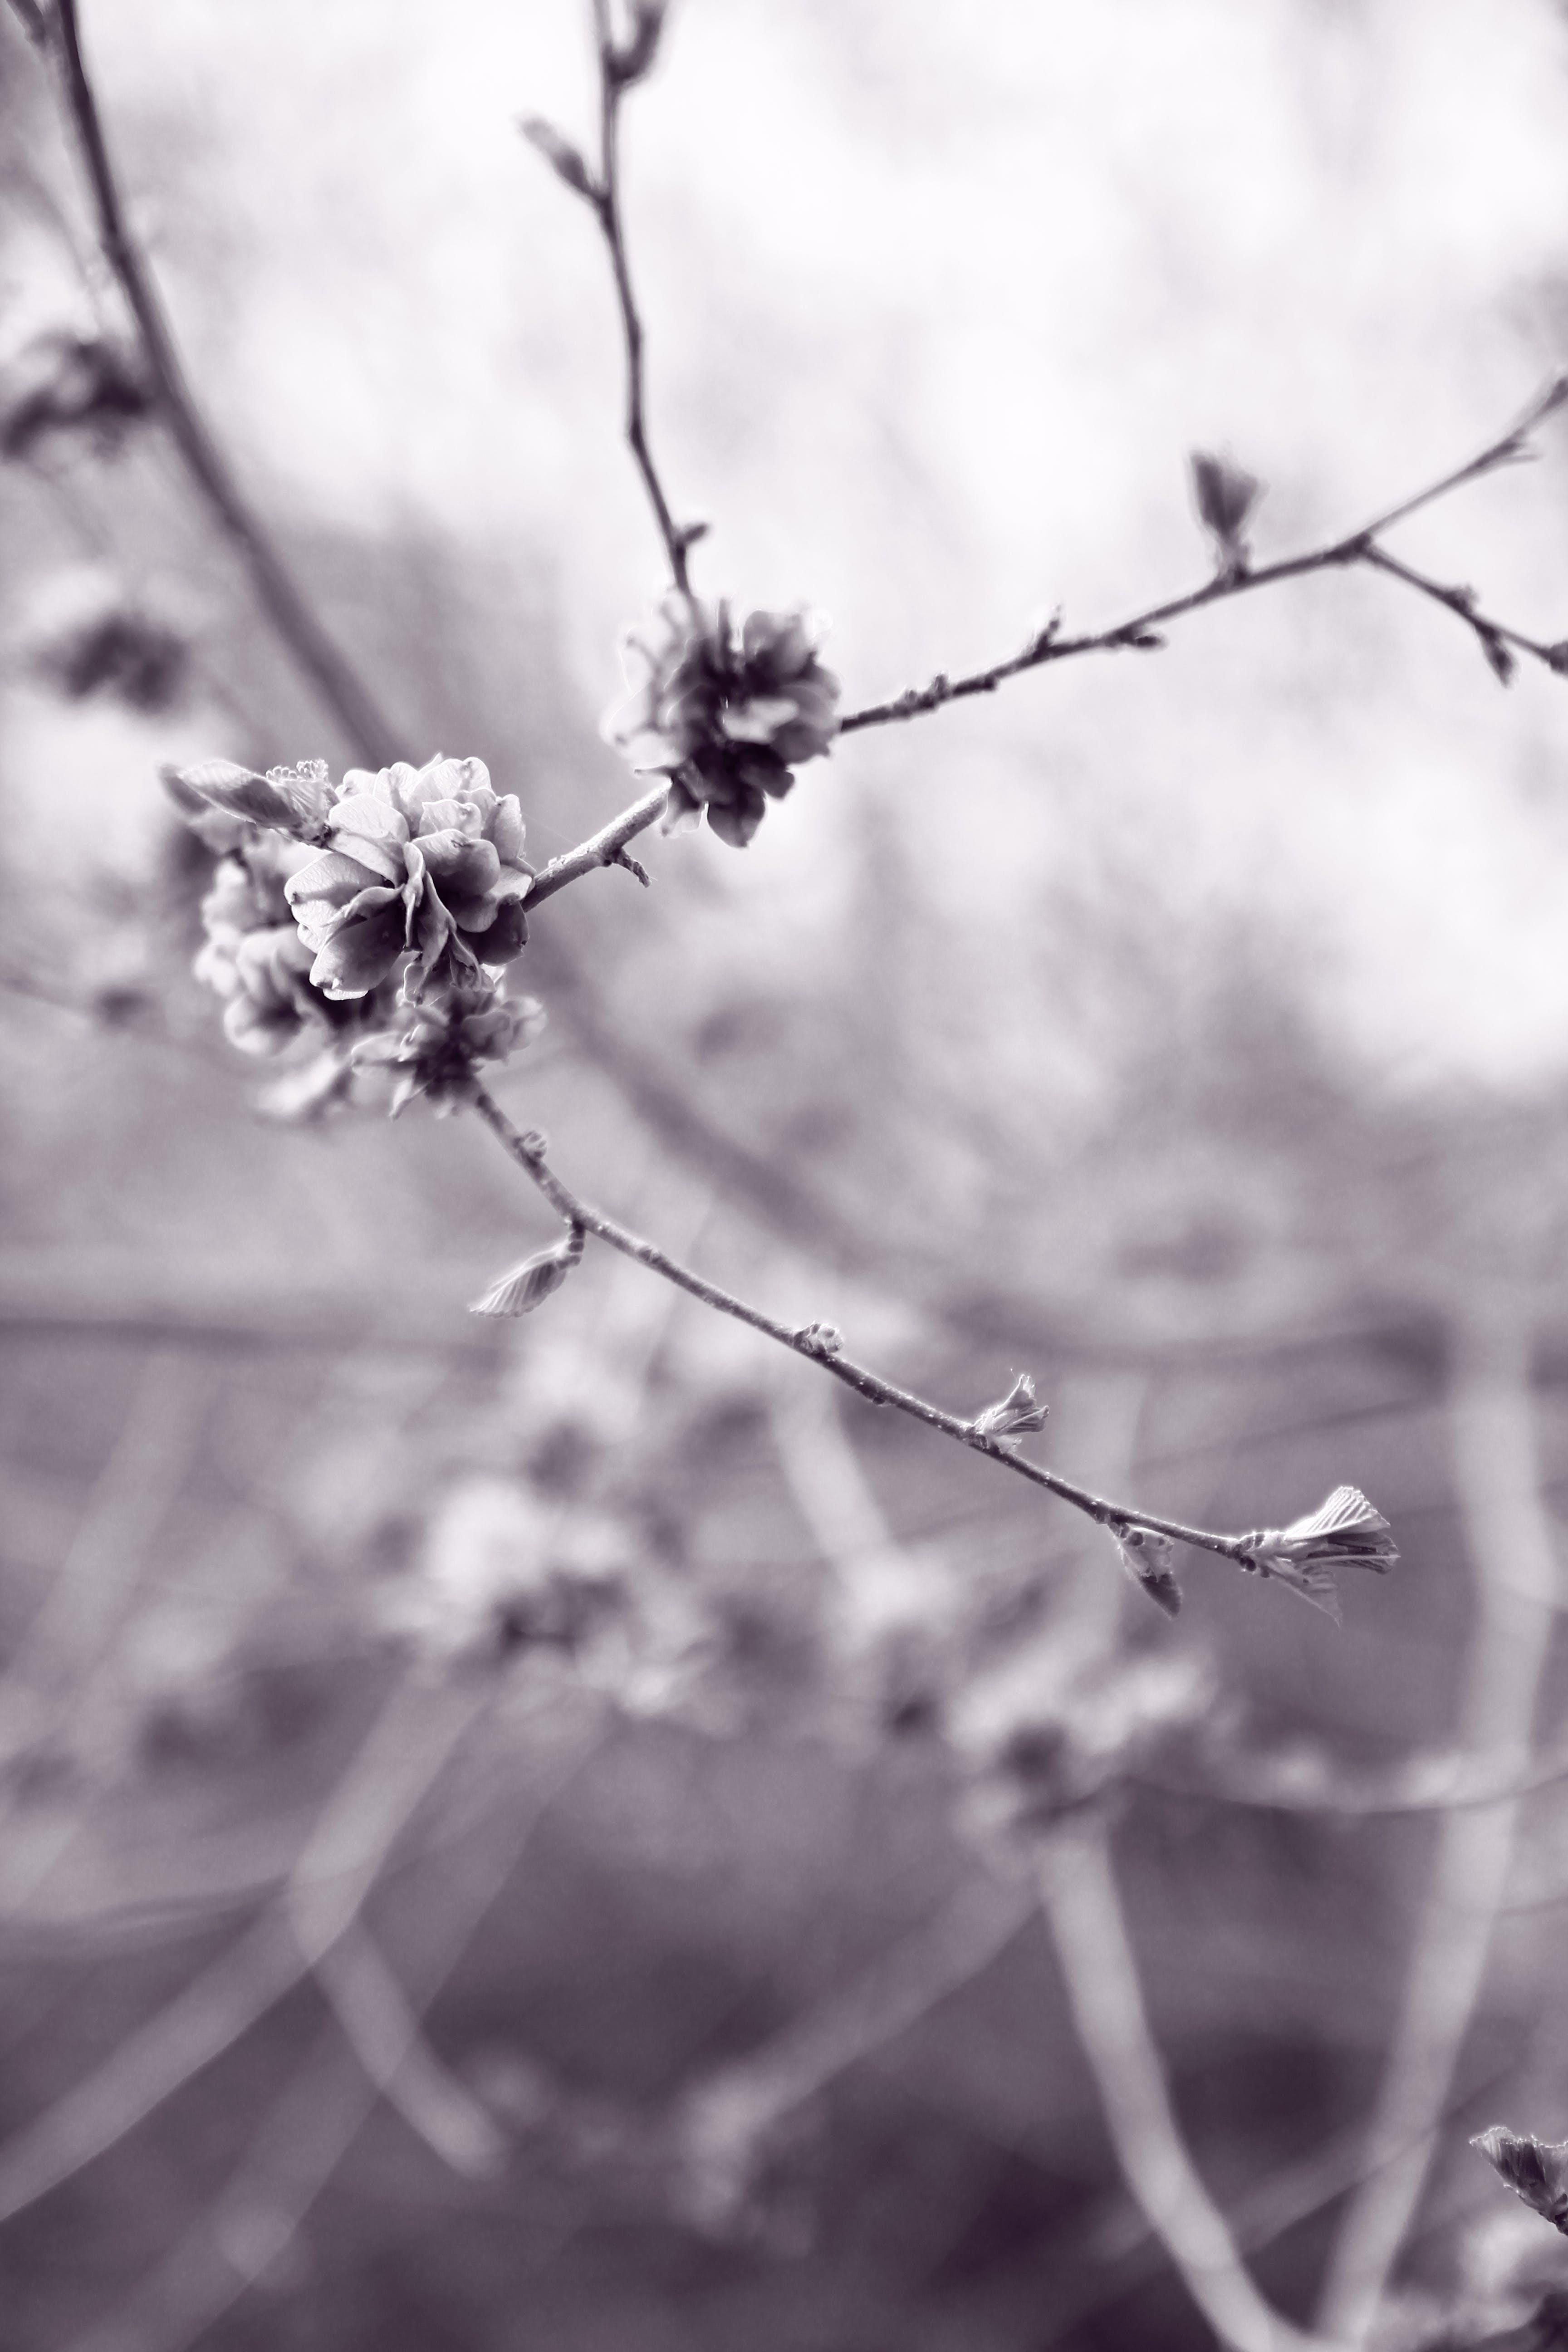 Δωρεάν στοκ φωτογραφιών με άνθη, βλαστάρια, εστιάζω, Καναδάς